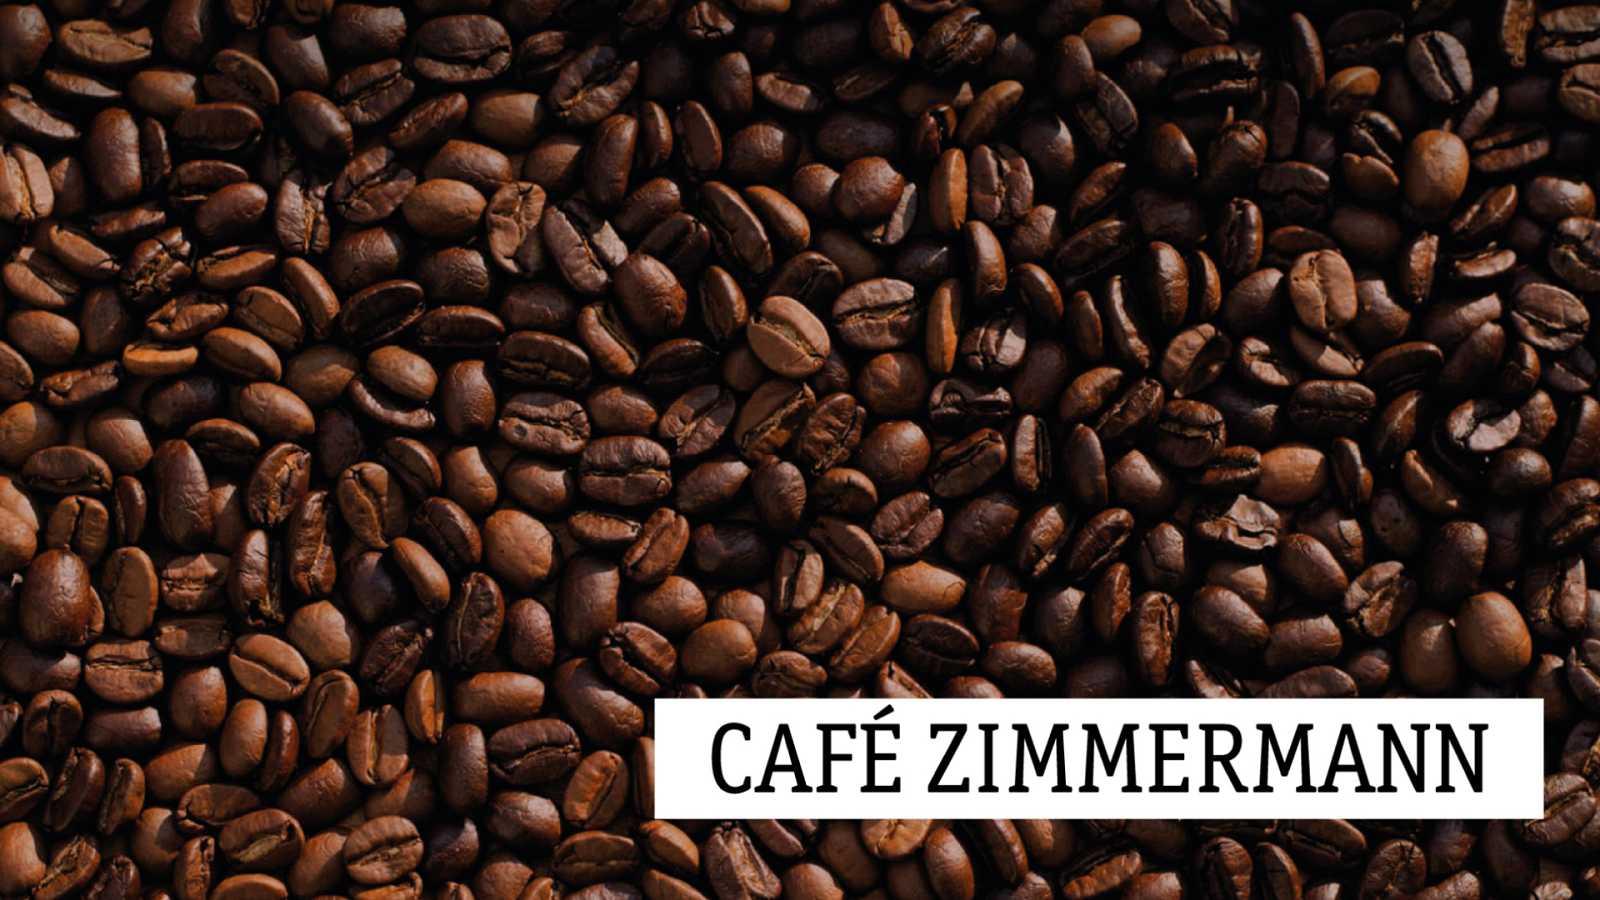 Café Zimmermann - La máquina Magritte - 14/01/21 - escuchar ahora